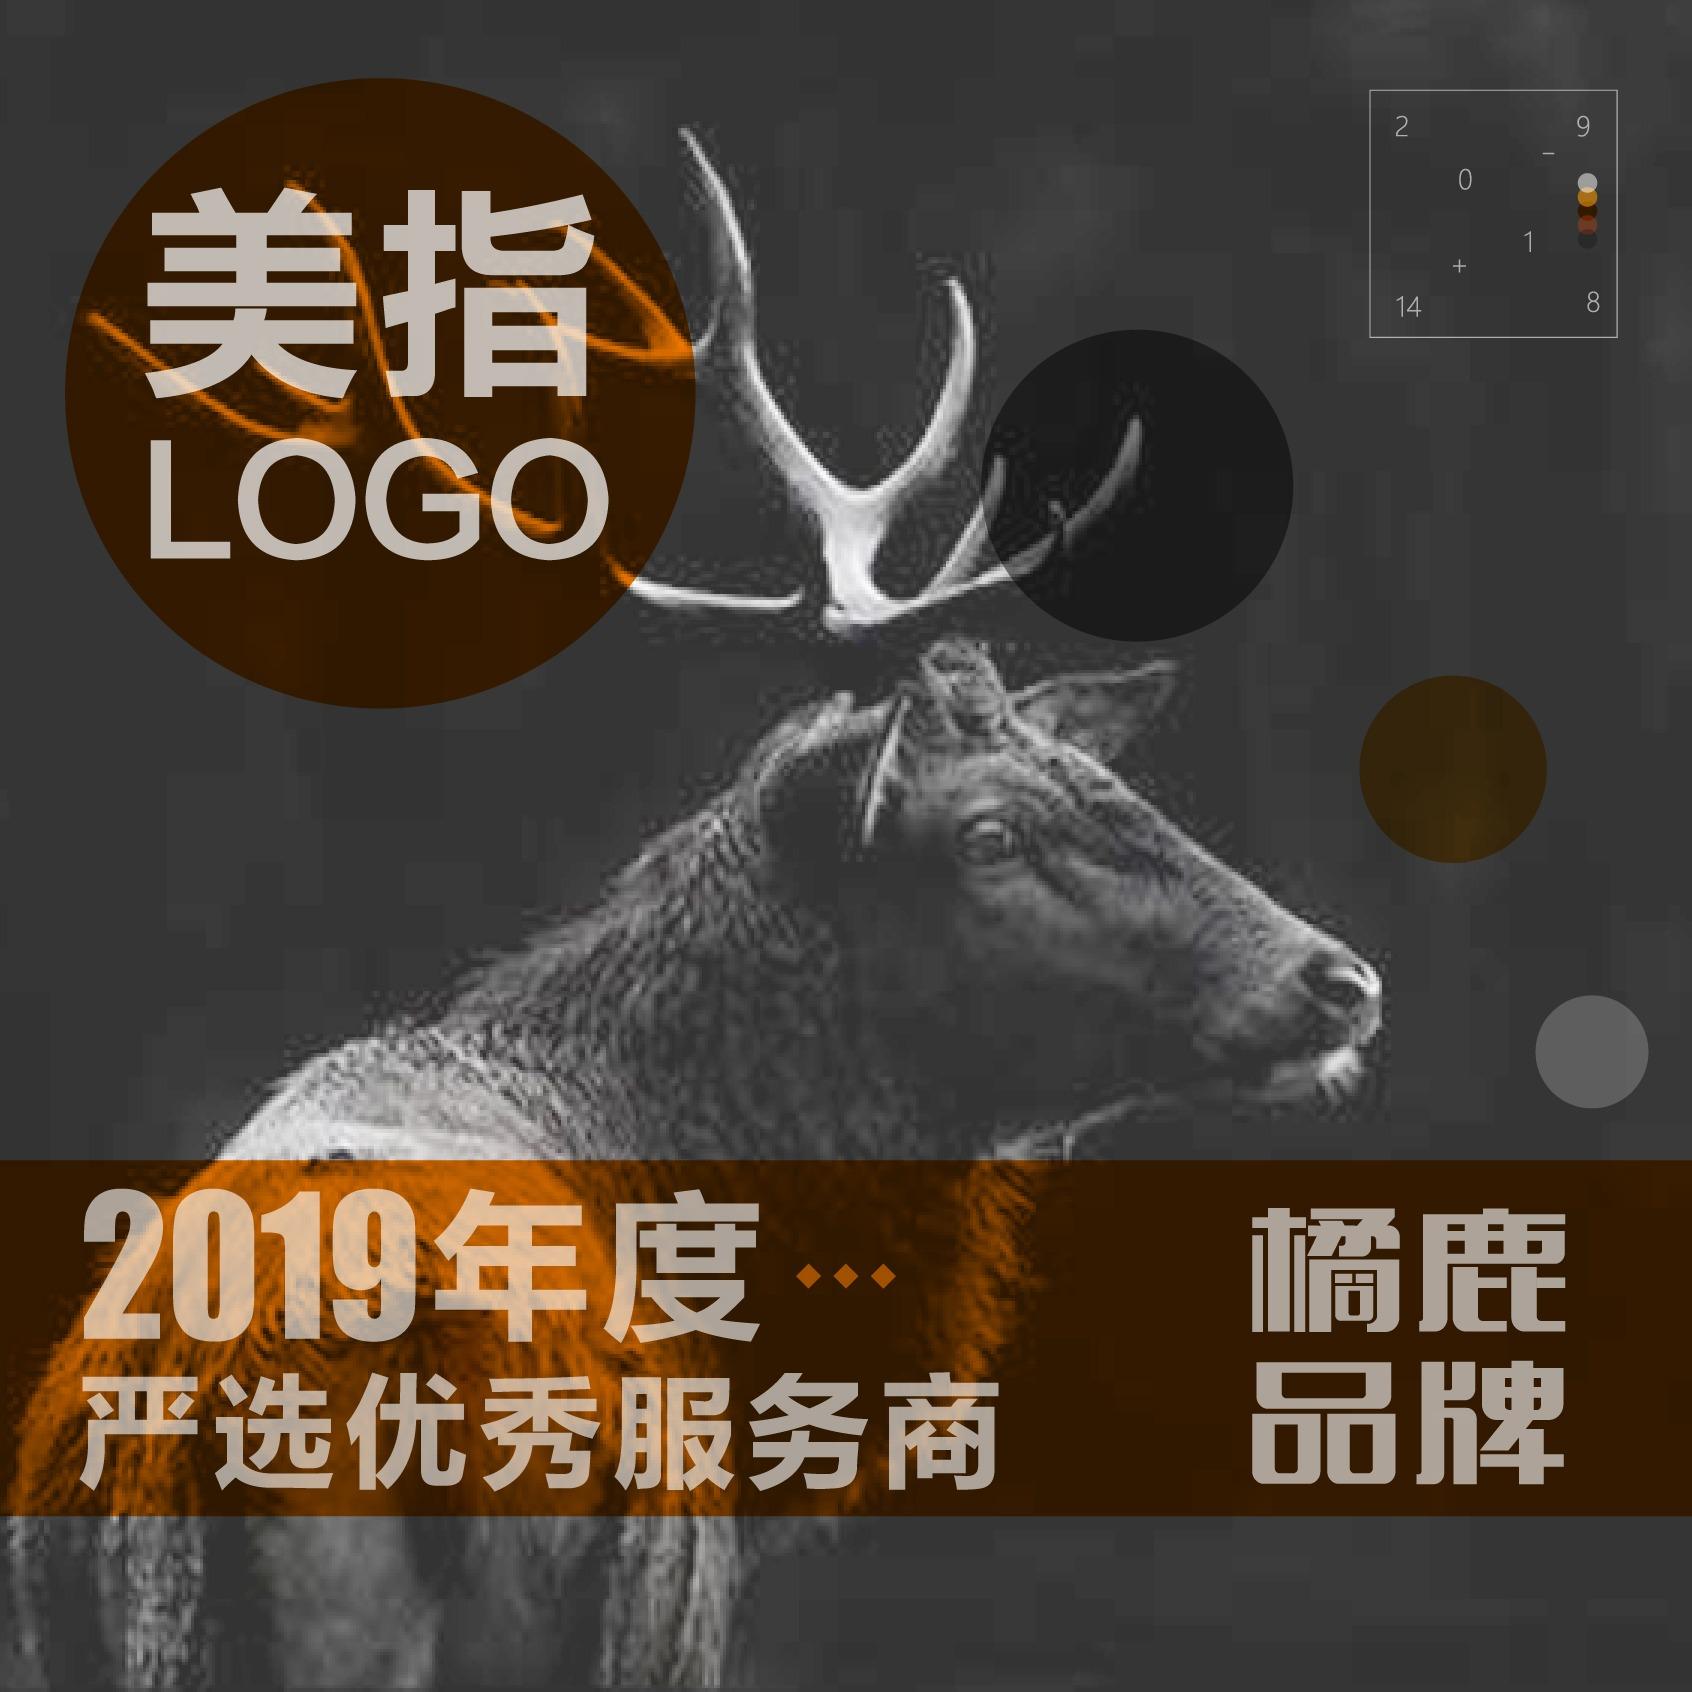 【橘鹿品牌】美指设计LOGO标志   承诺初稿不满意 可退款